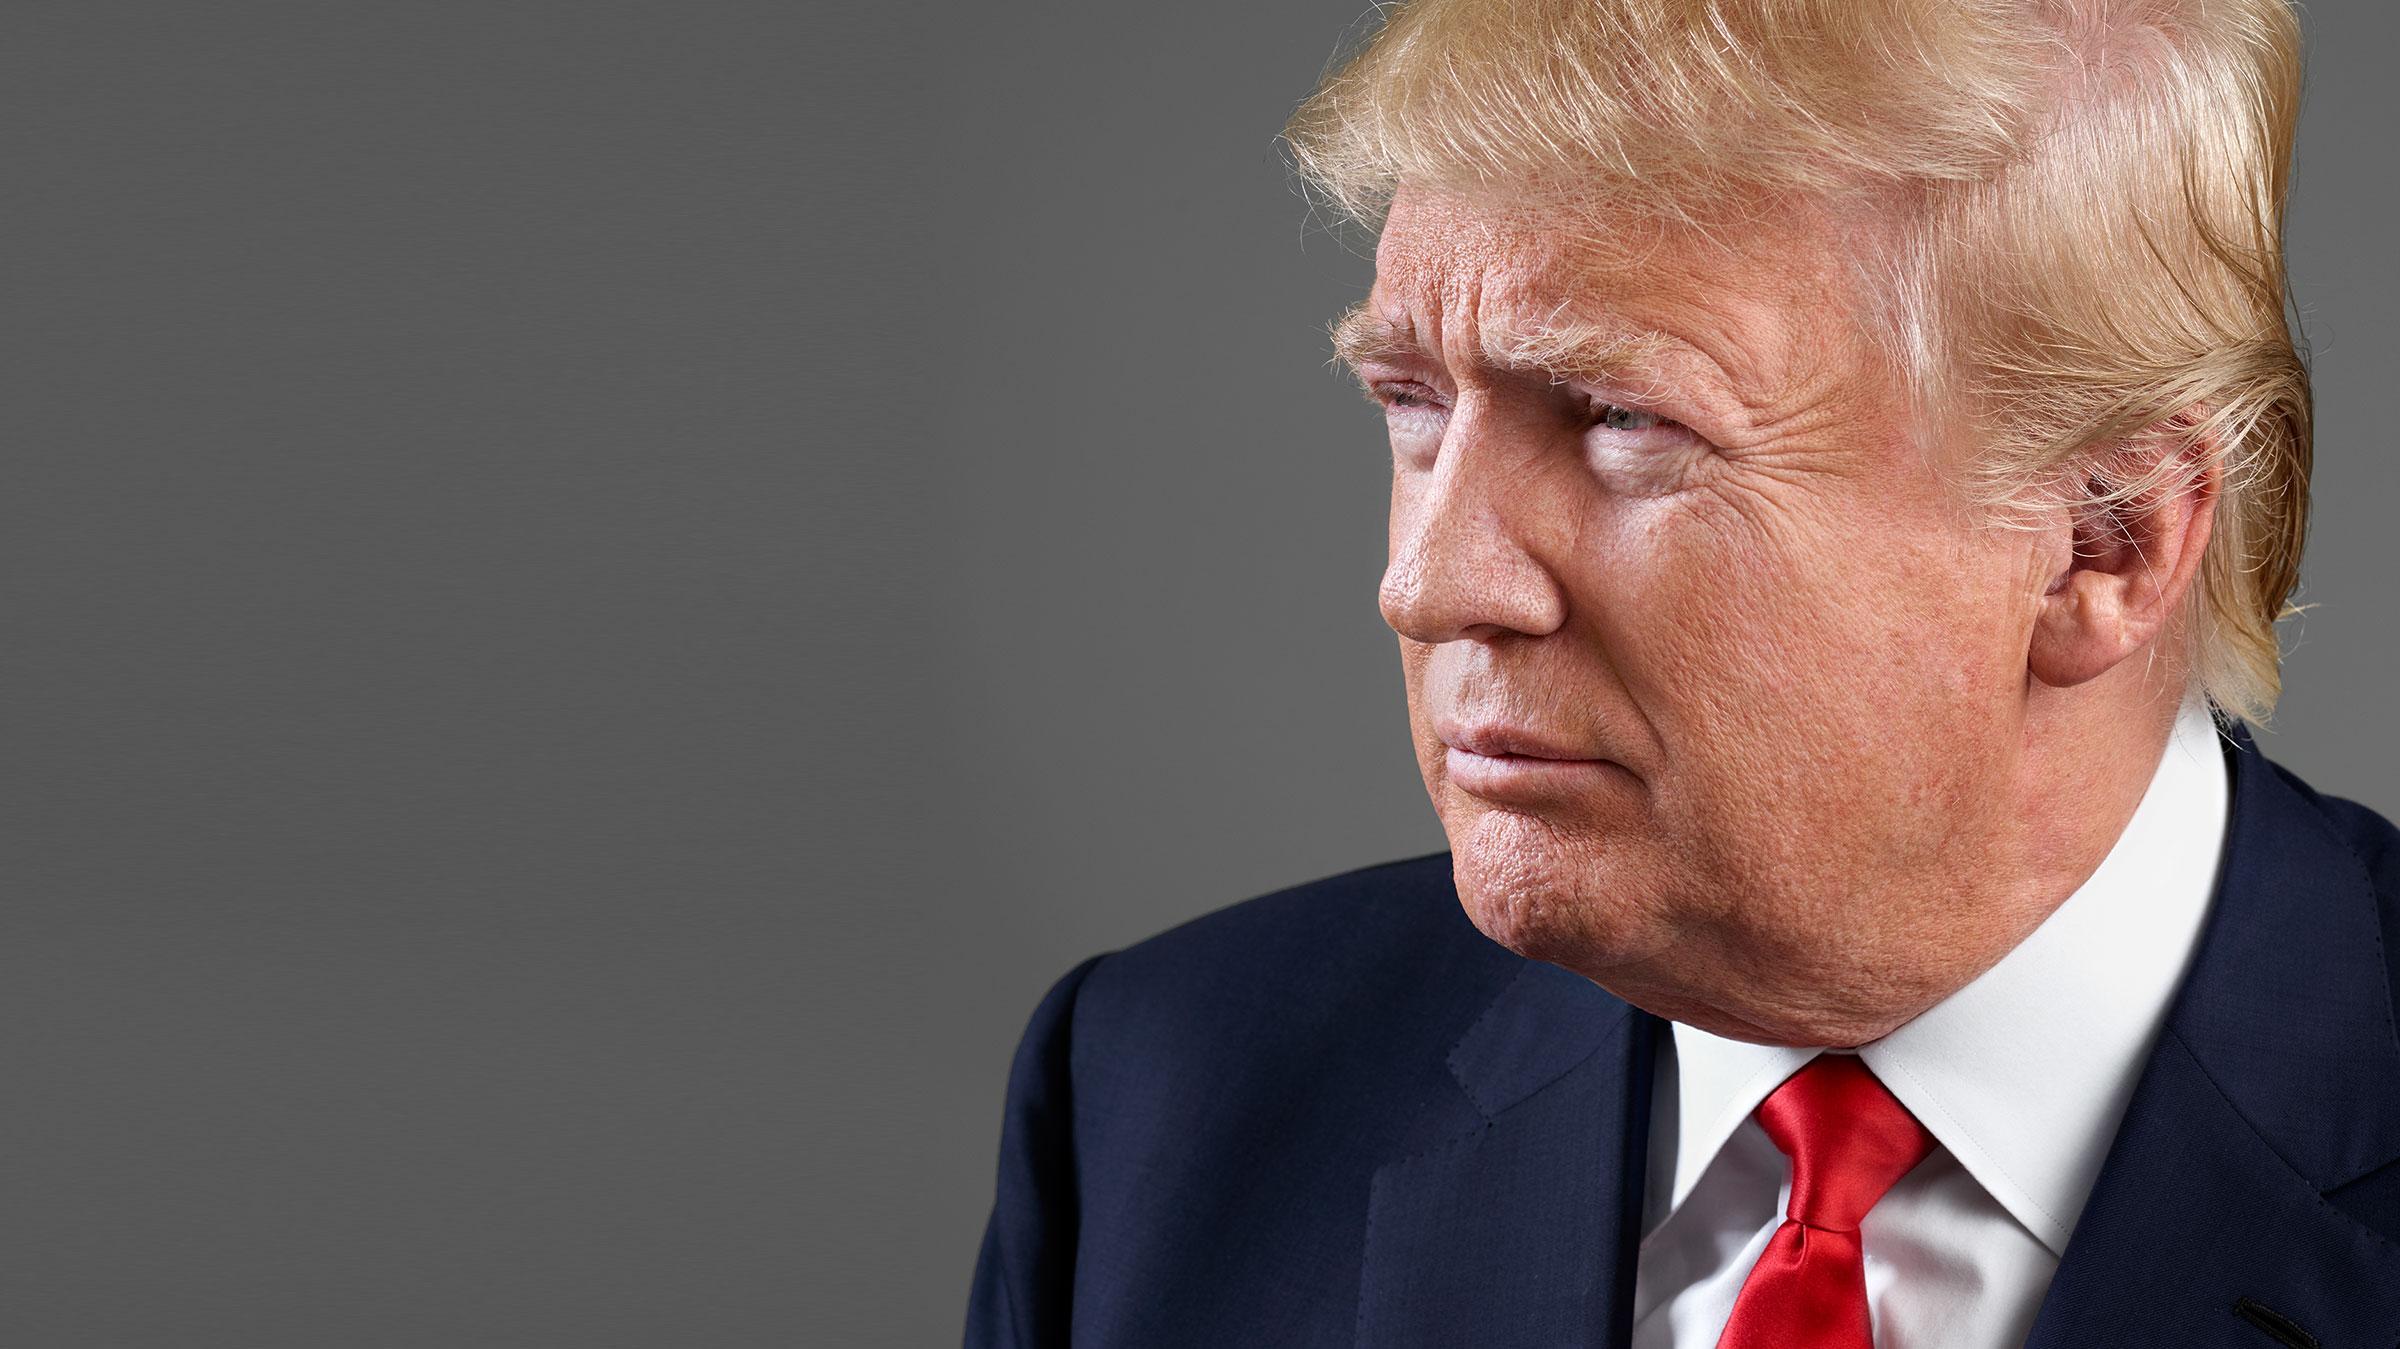 L'America nel mondo nuovo – I principi cardine della nuova politica estera americana - Geopolitica.info